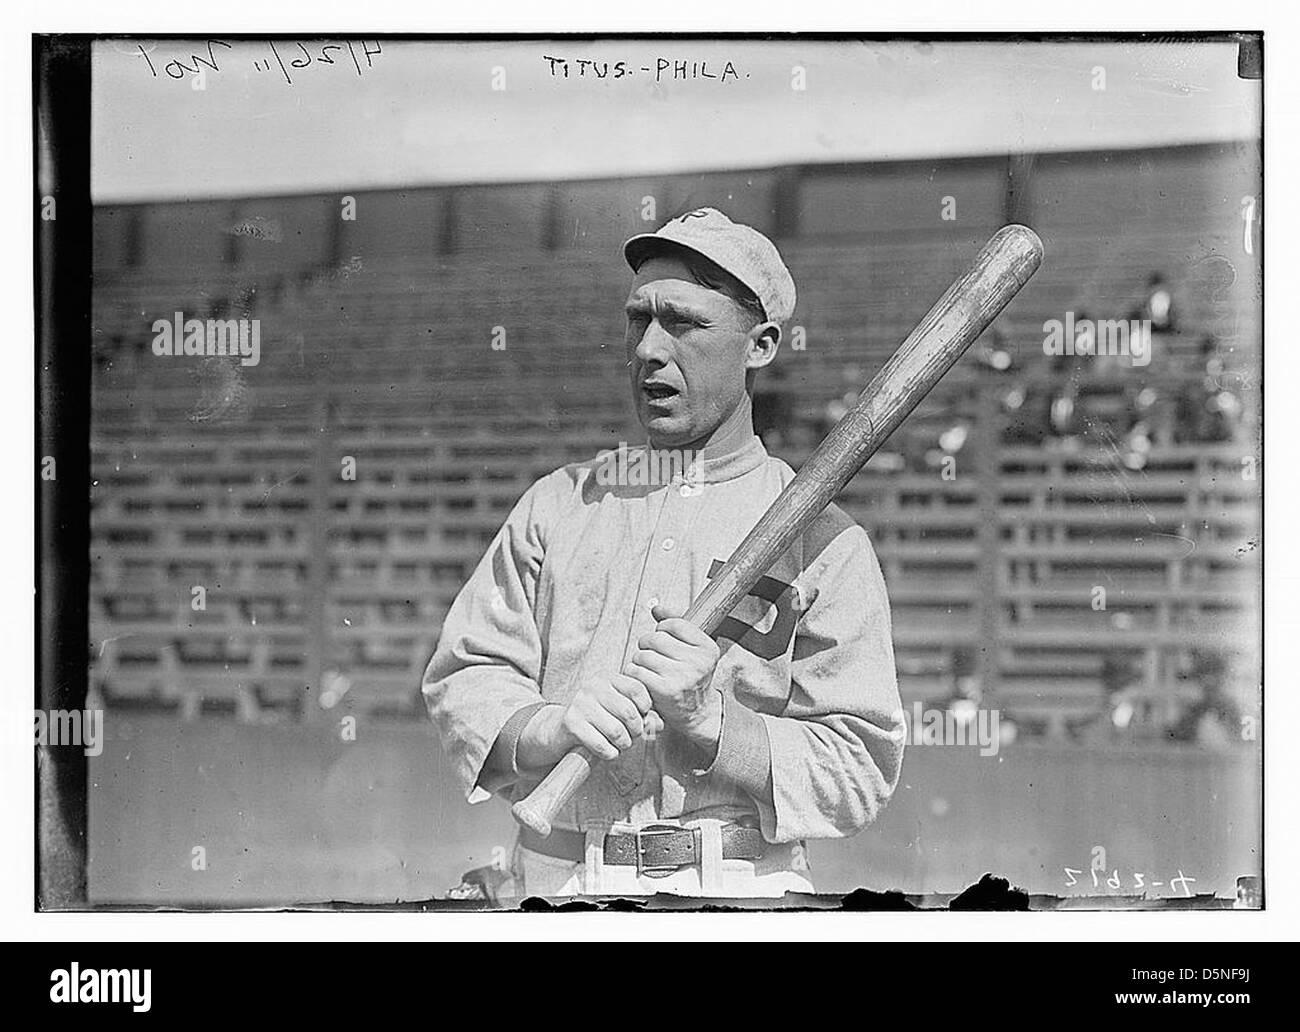 [Giovanni Tito, Philadelphia, NL (baseball)] (LOC) Immagini Stock